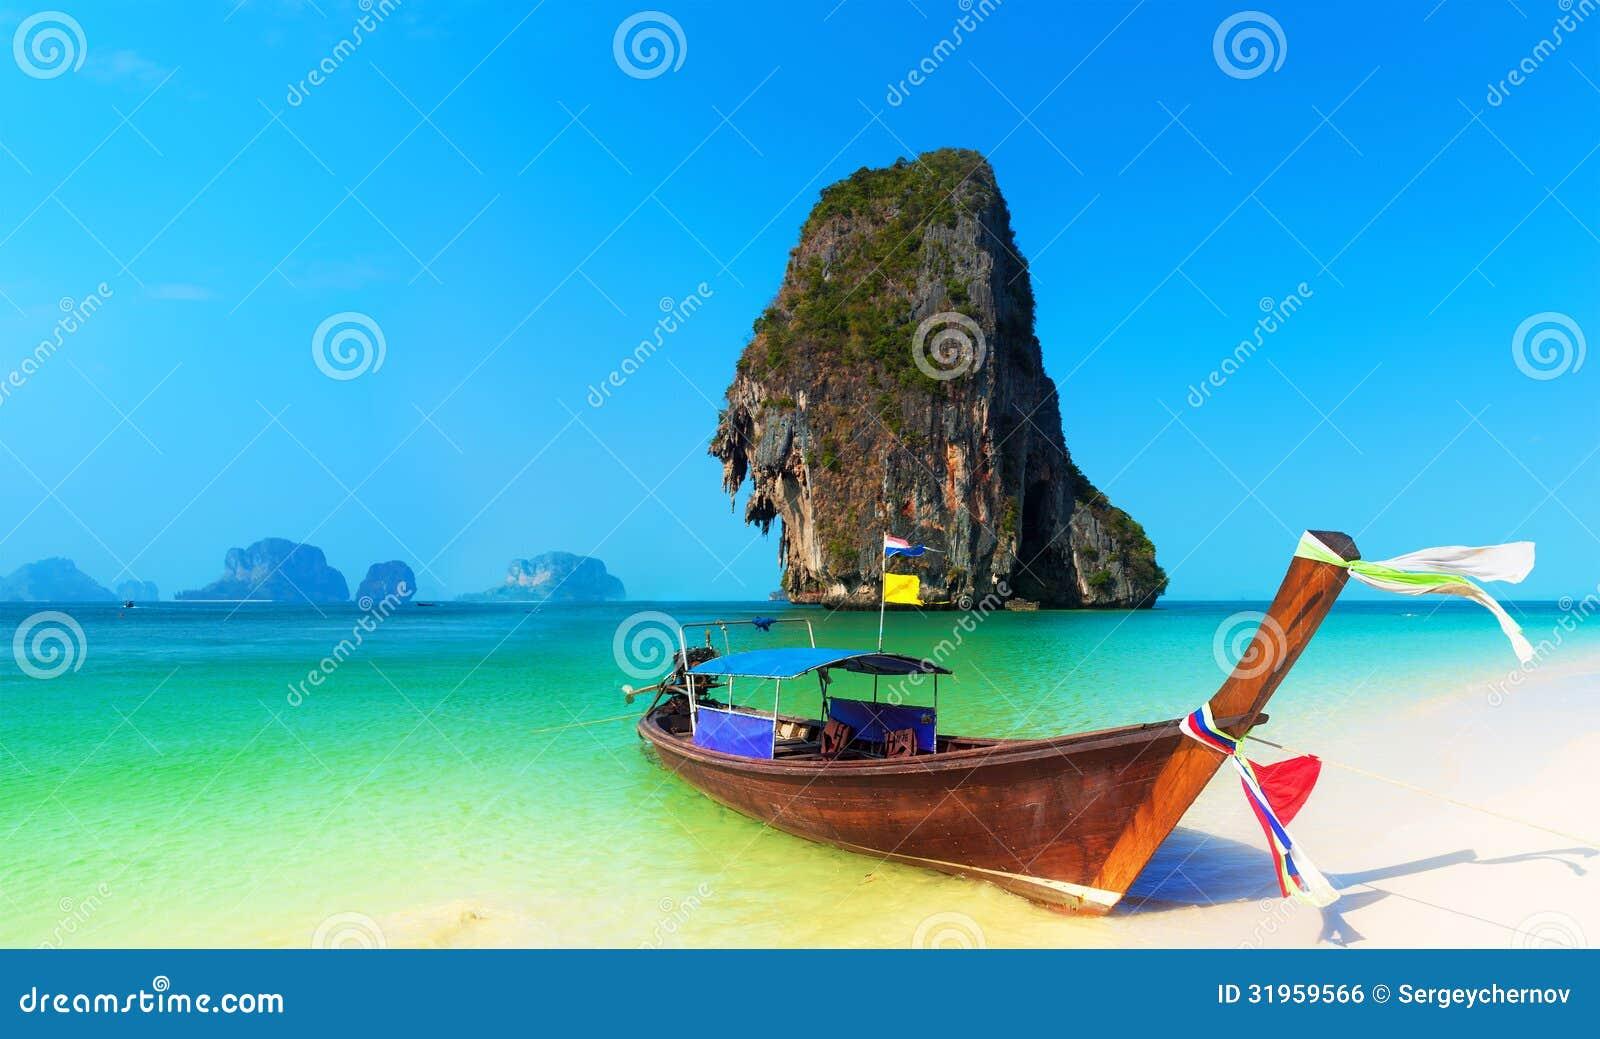 Tajlandia plaży krajobrazu tropikalny tło. Azja oceanu natura